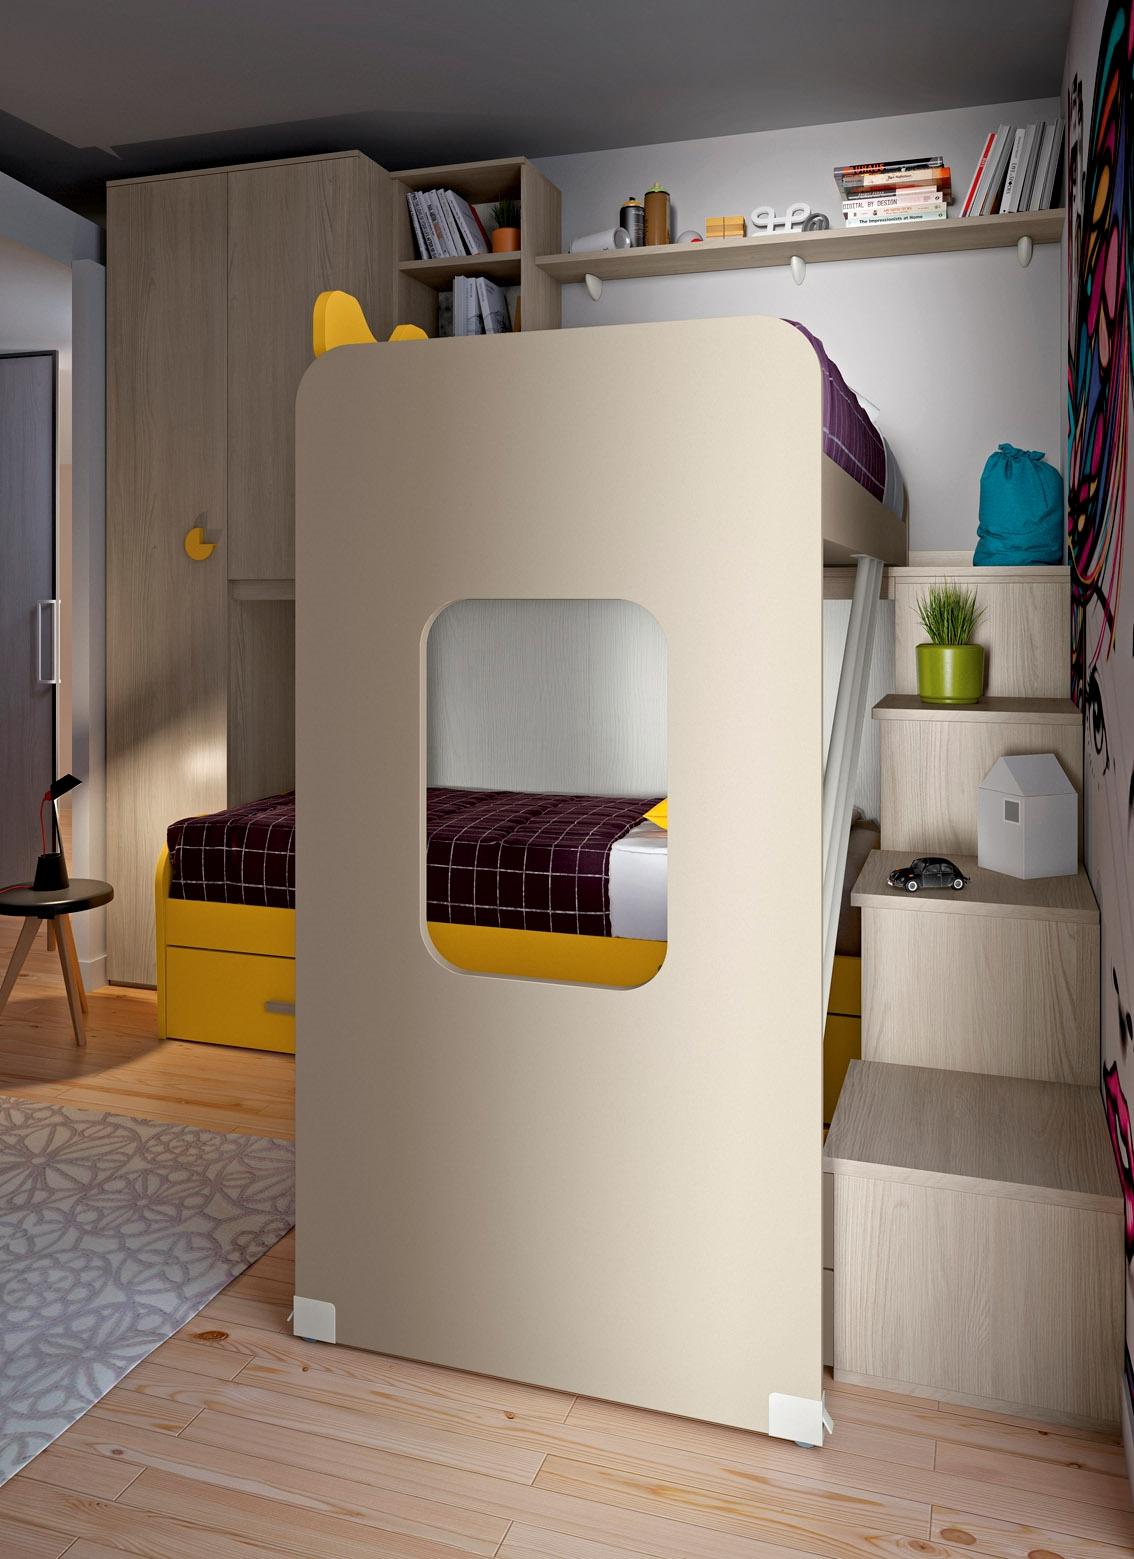 Cameretta per ragazzi scontata camerette a prezzi scontati - Ikea mobili camera bambini ...